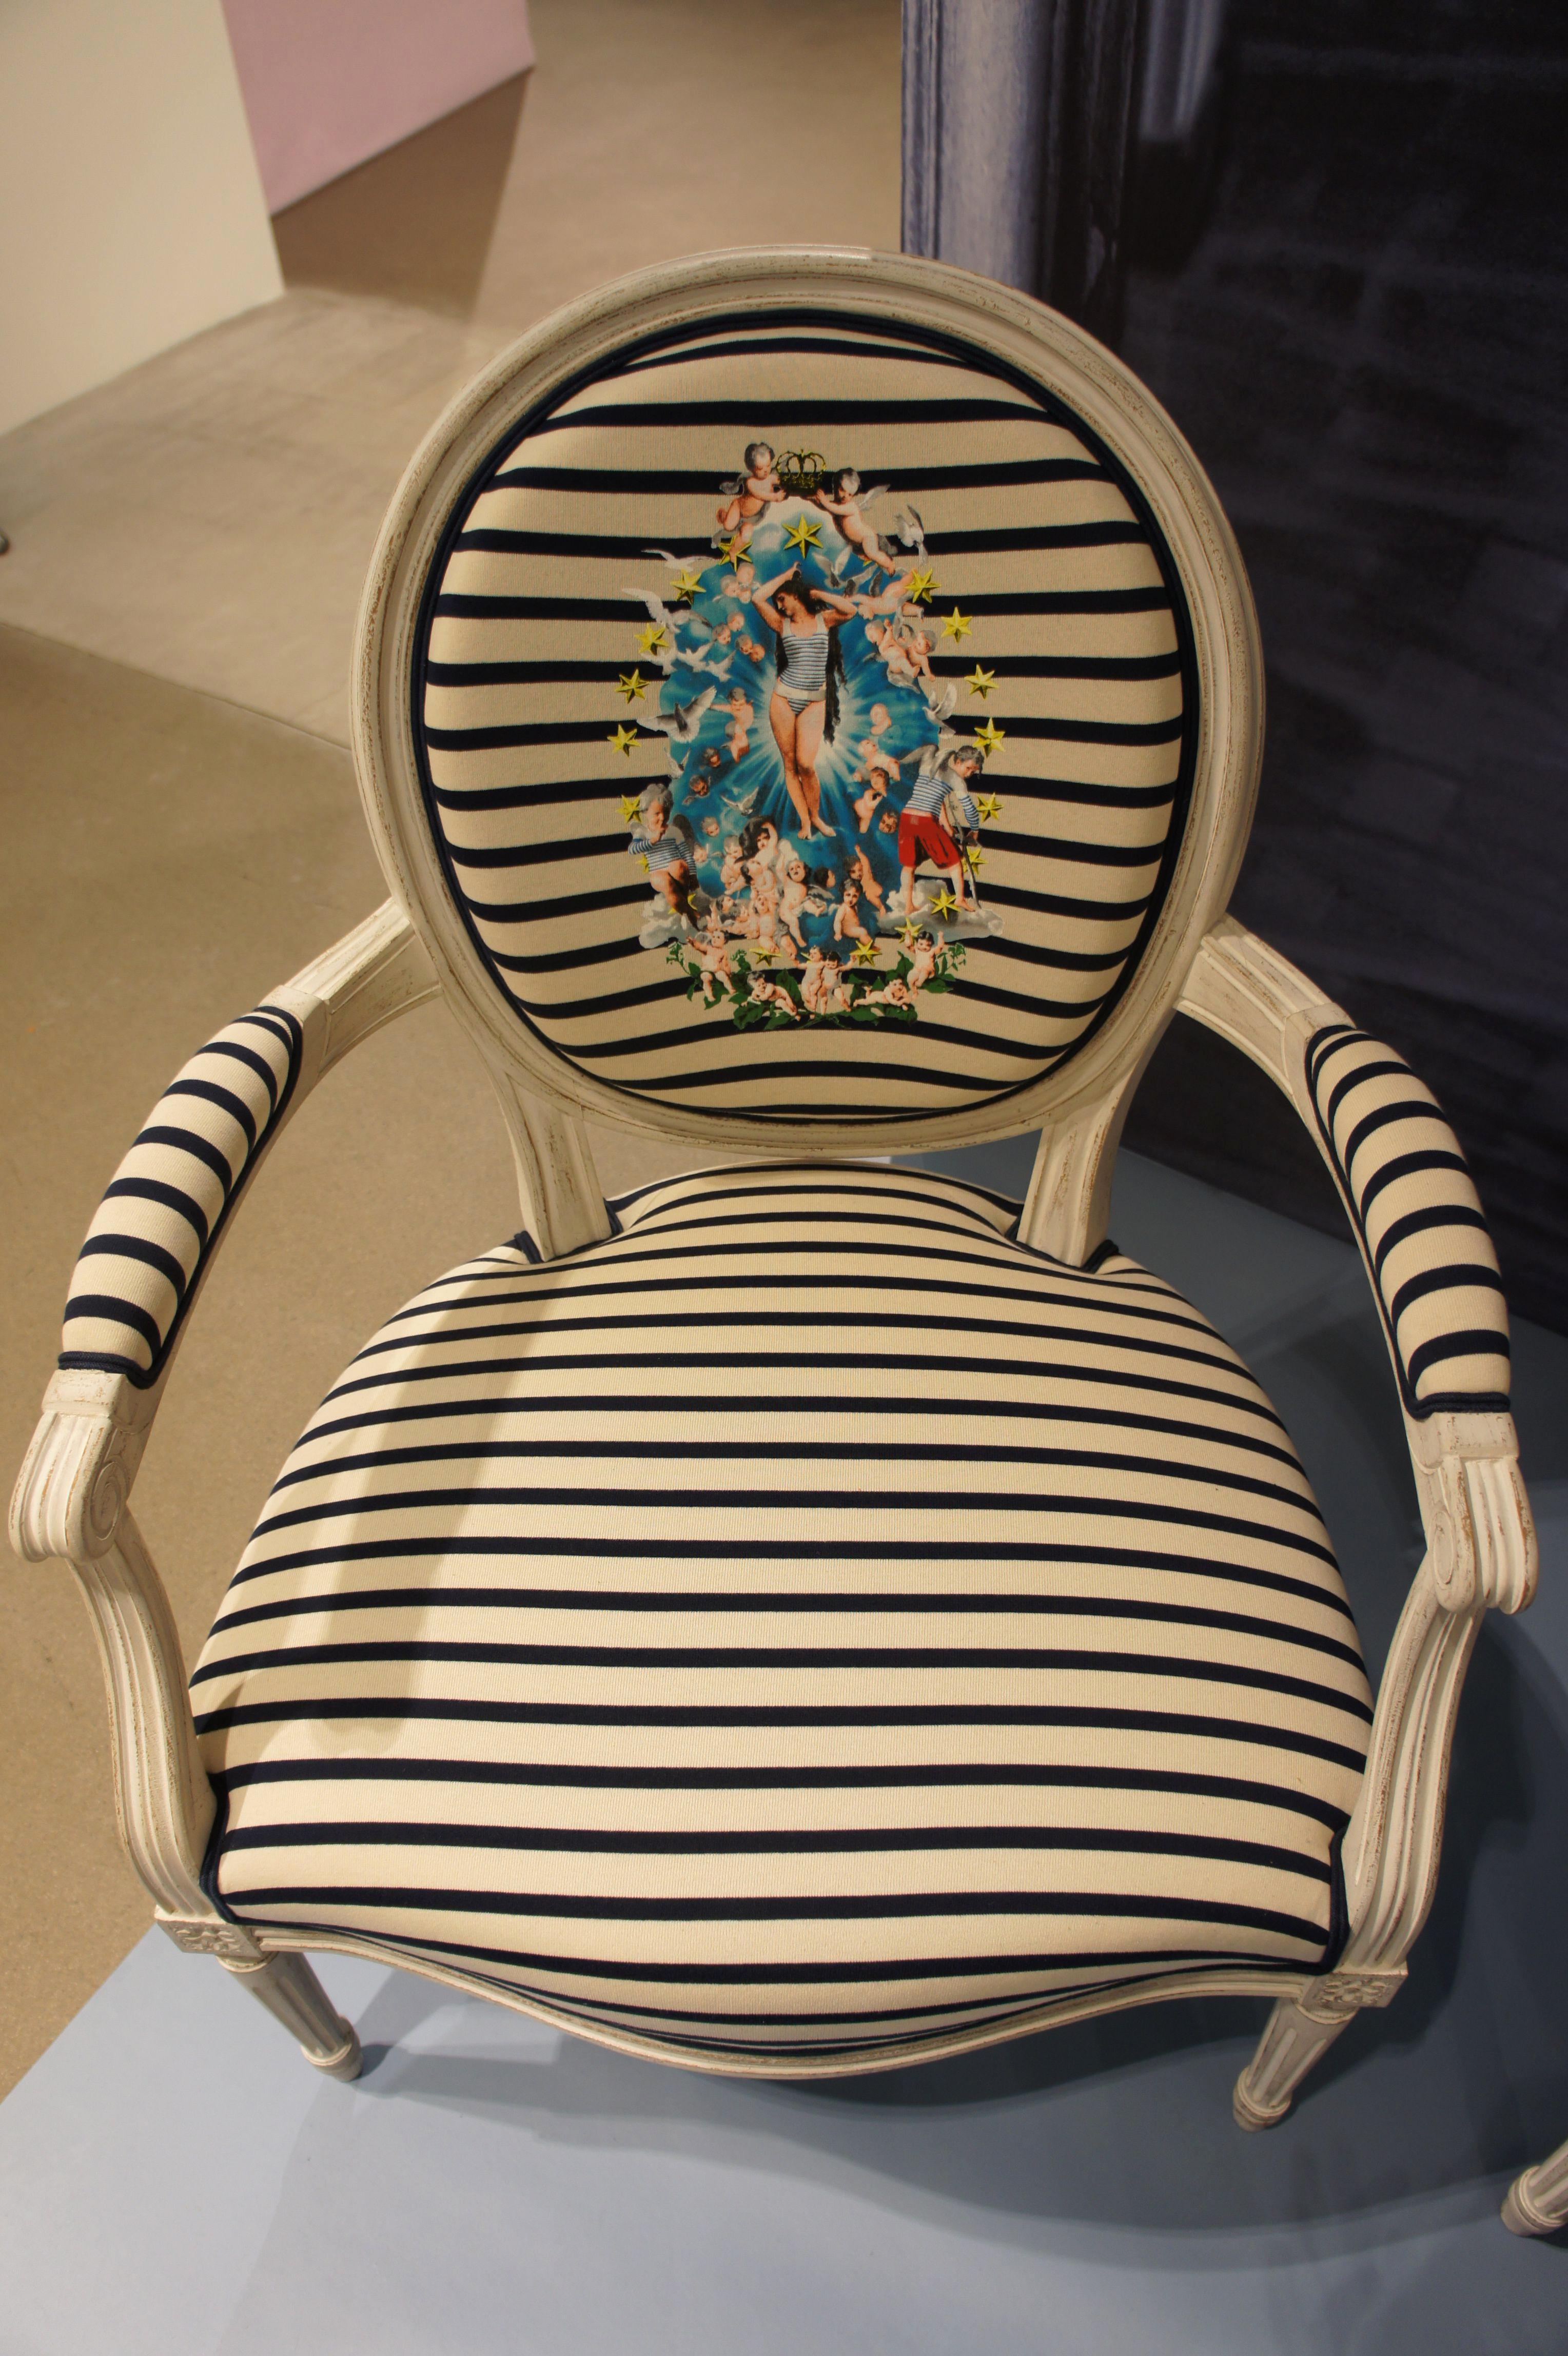 housse fauteuil voltaire l gant stock les 22 luxe. Black Bedroom Furniture Sets. Home Design Ideas